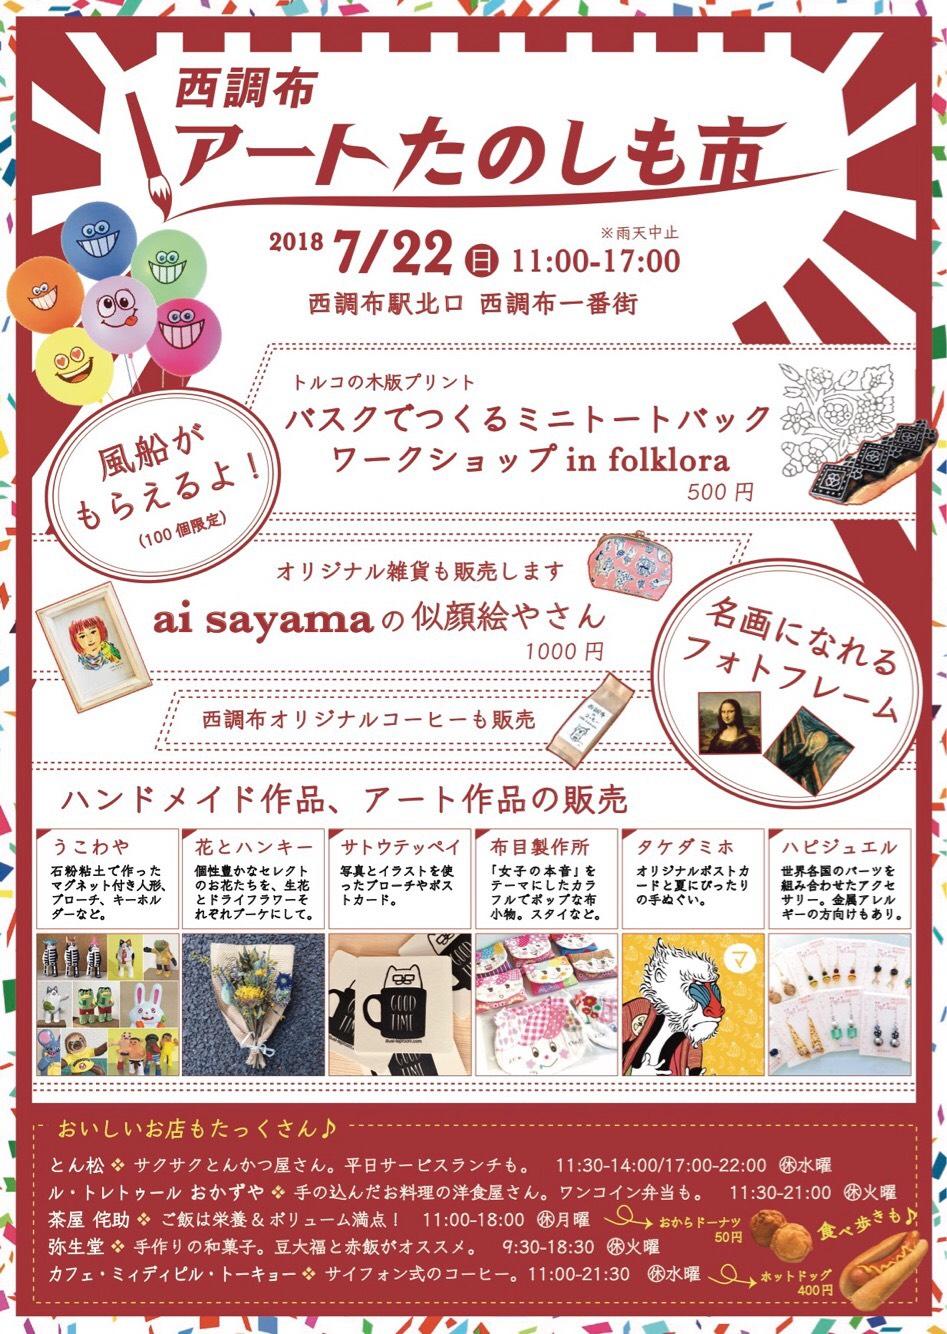 7/22 西調布アートたのしも市 開催!